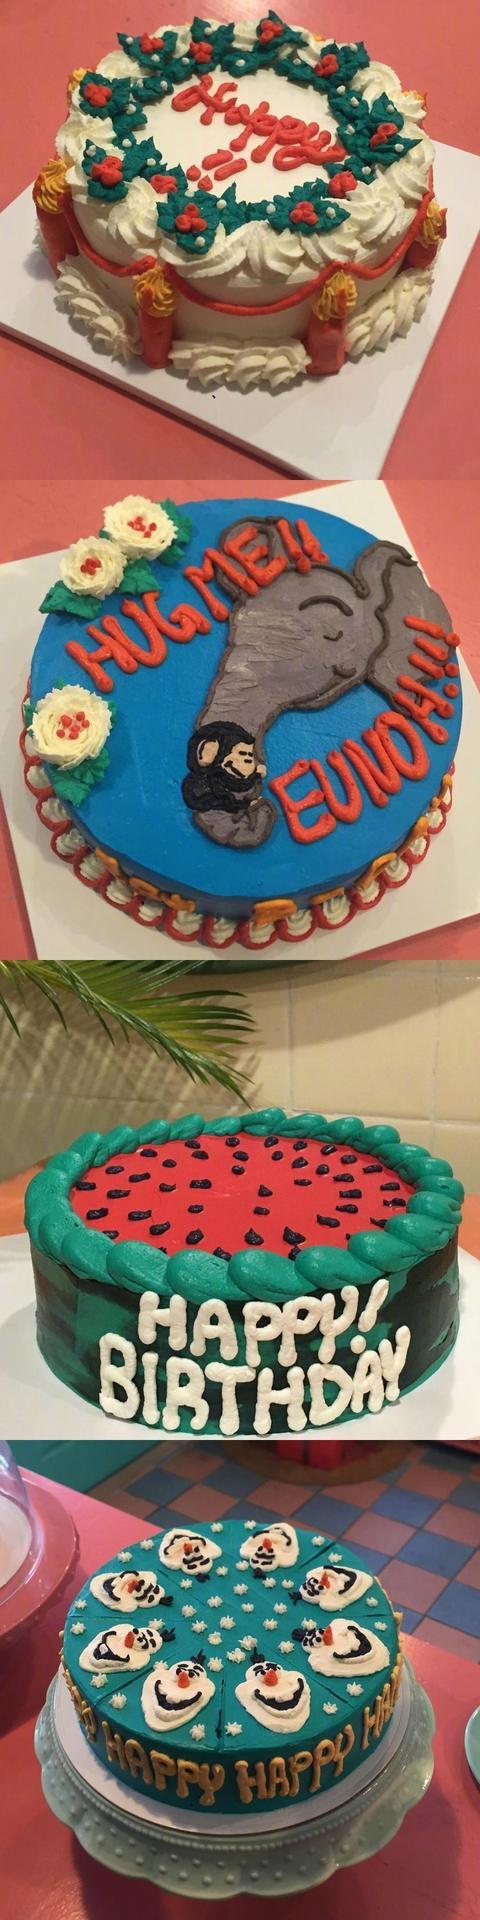 卡通系列蛋糕